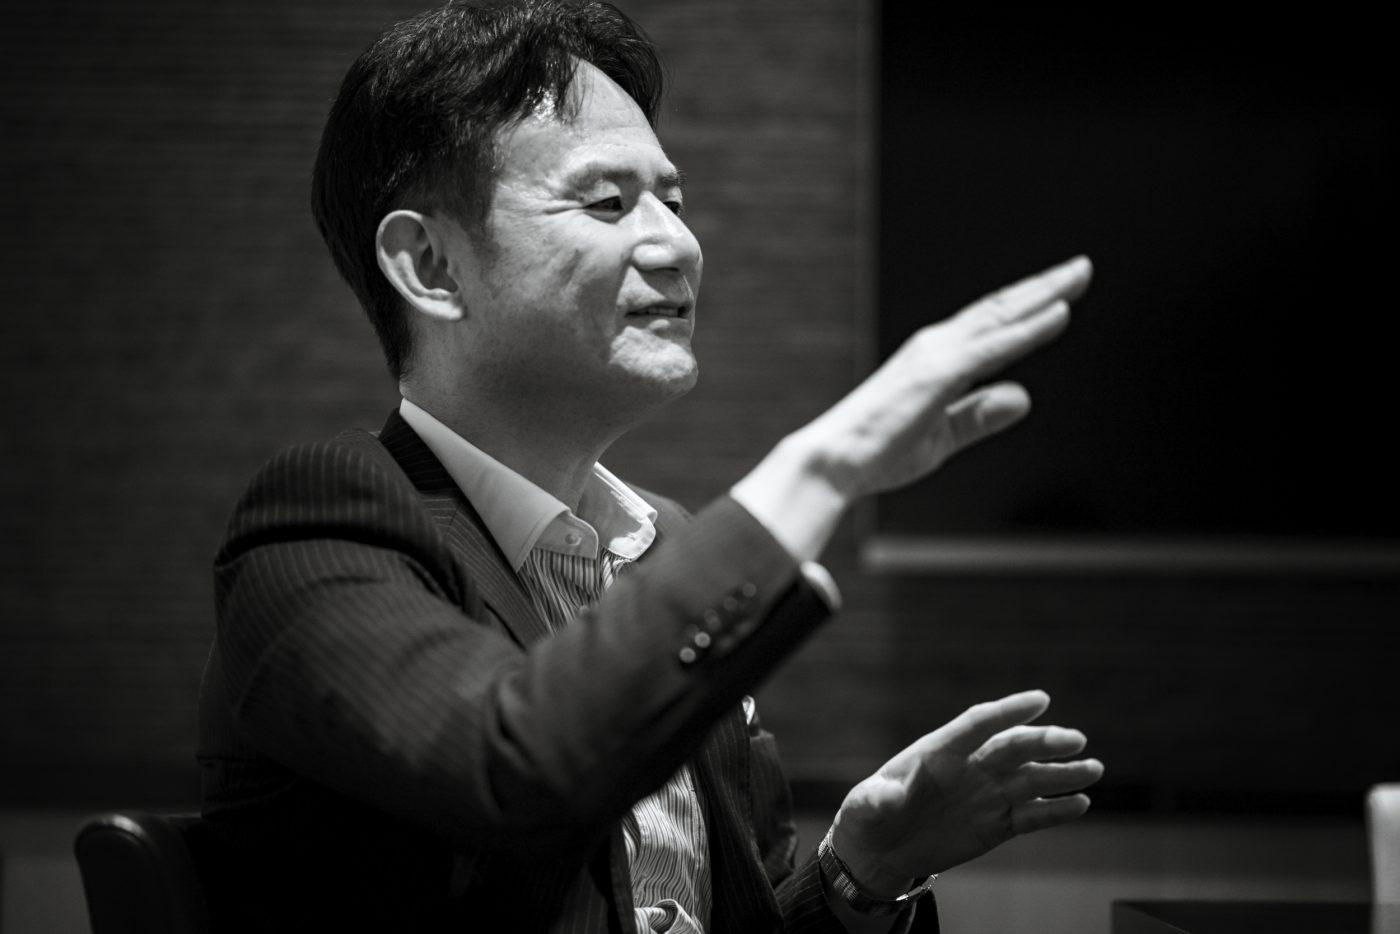 日本の経営層はグローバルスタンダードのファイナンシャルリテラシーを身につけるべき エーザイ株式会社CFO 柳 良平(後編)